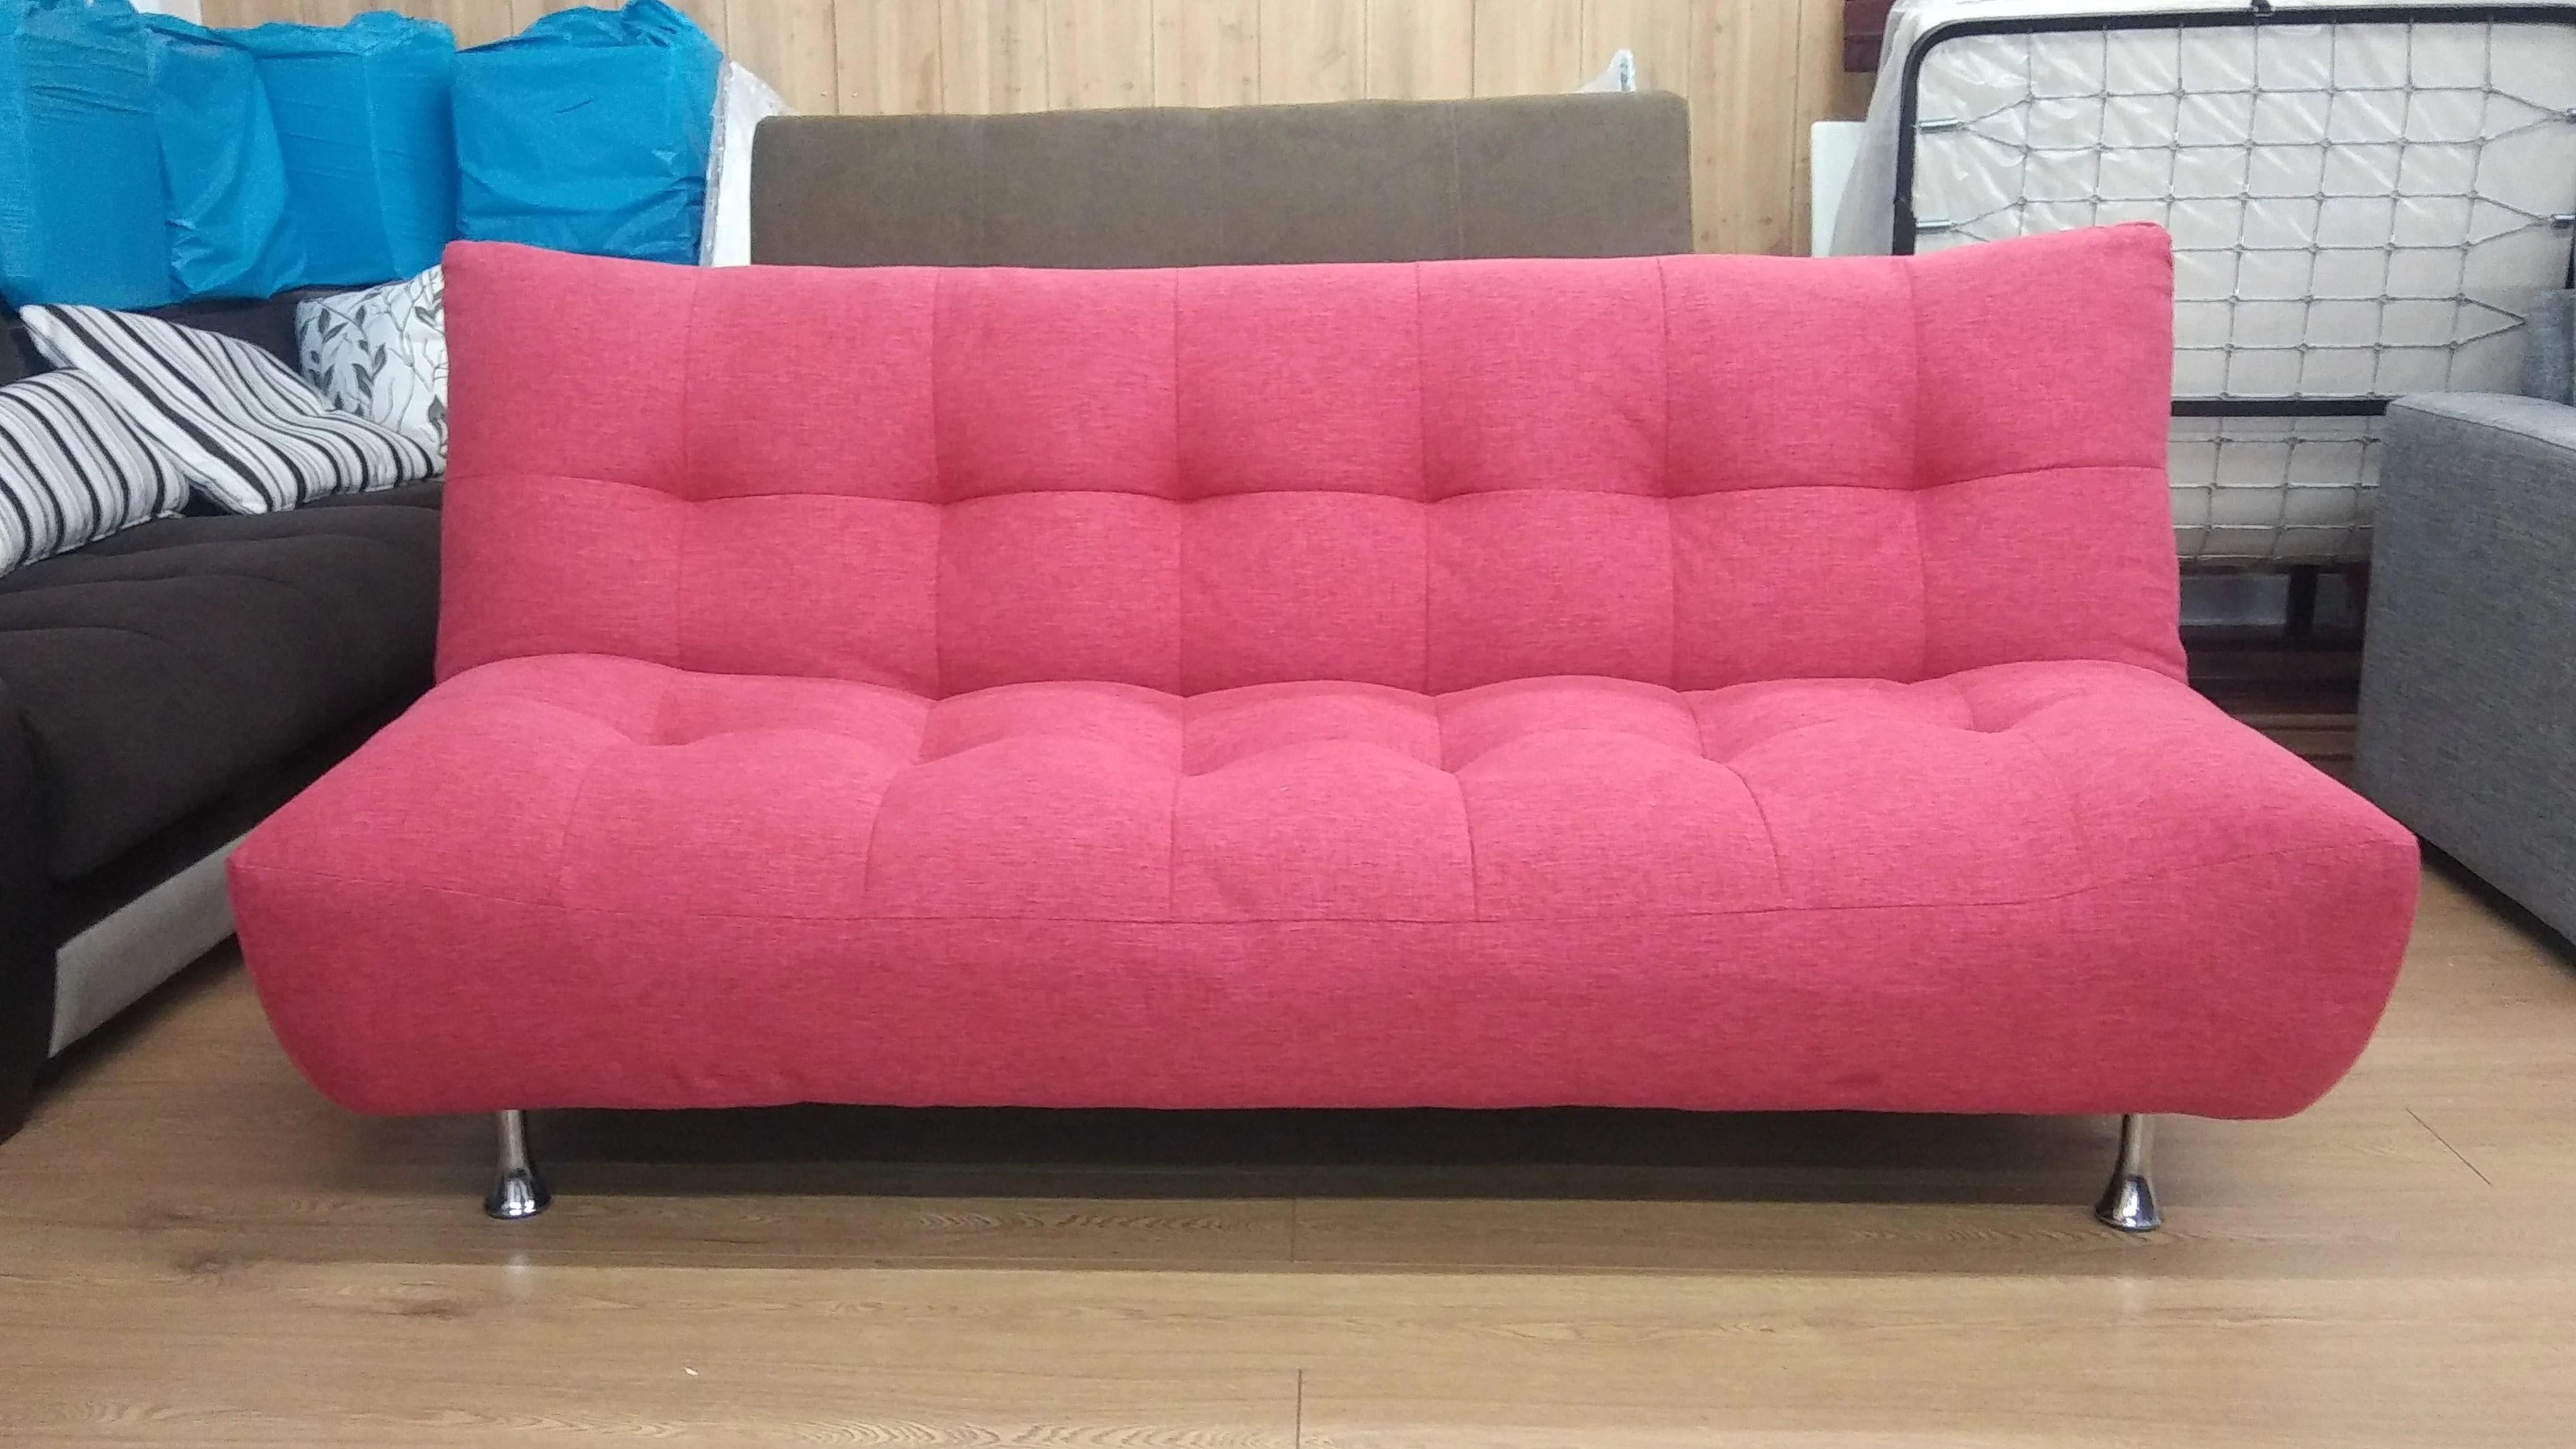 kangaroo tween sleeper sofa steelcase pink bed blush wayfair thesofa